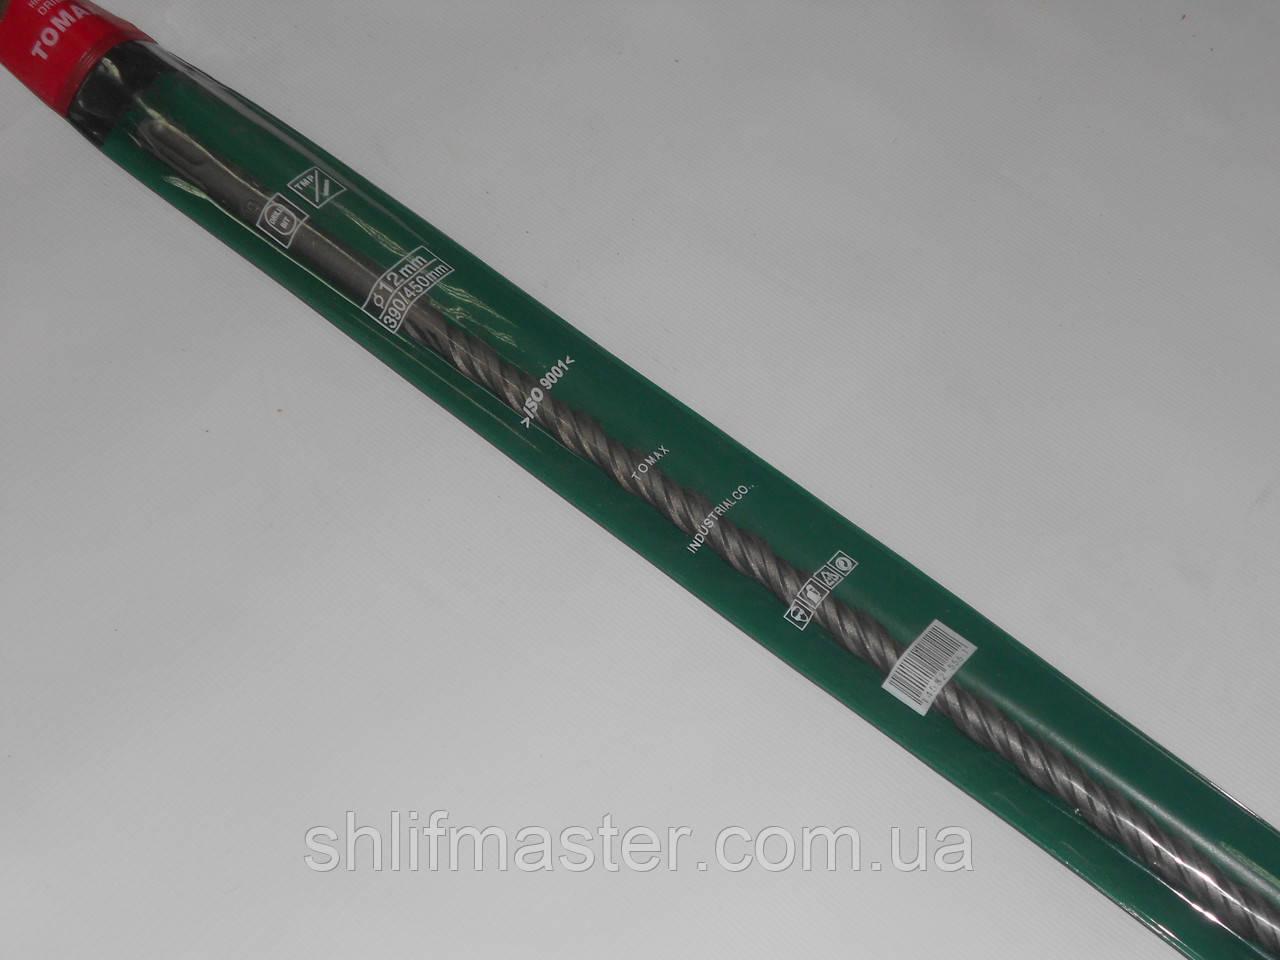 Бур (сверло) по бетону SDS plus Tomax 12х450 мм